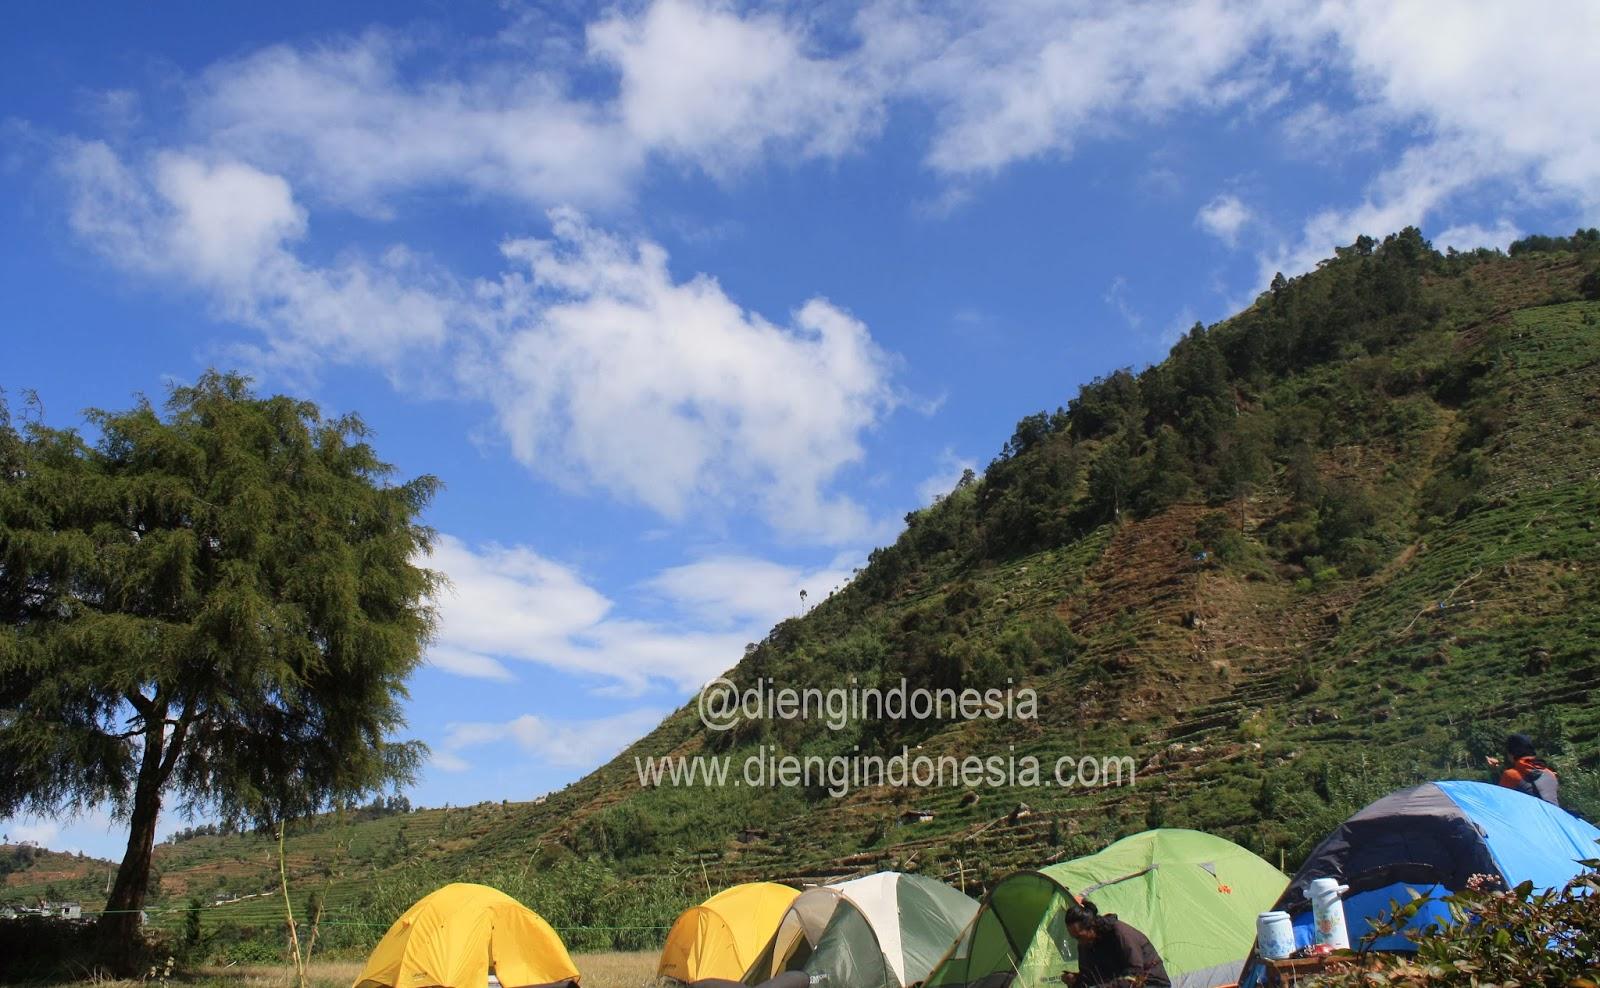 Camping Ceria Sikunir Dieng